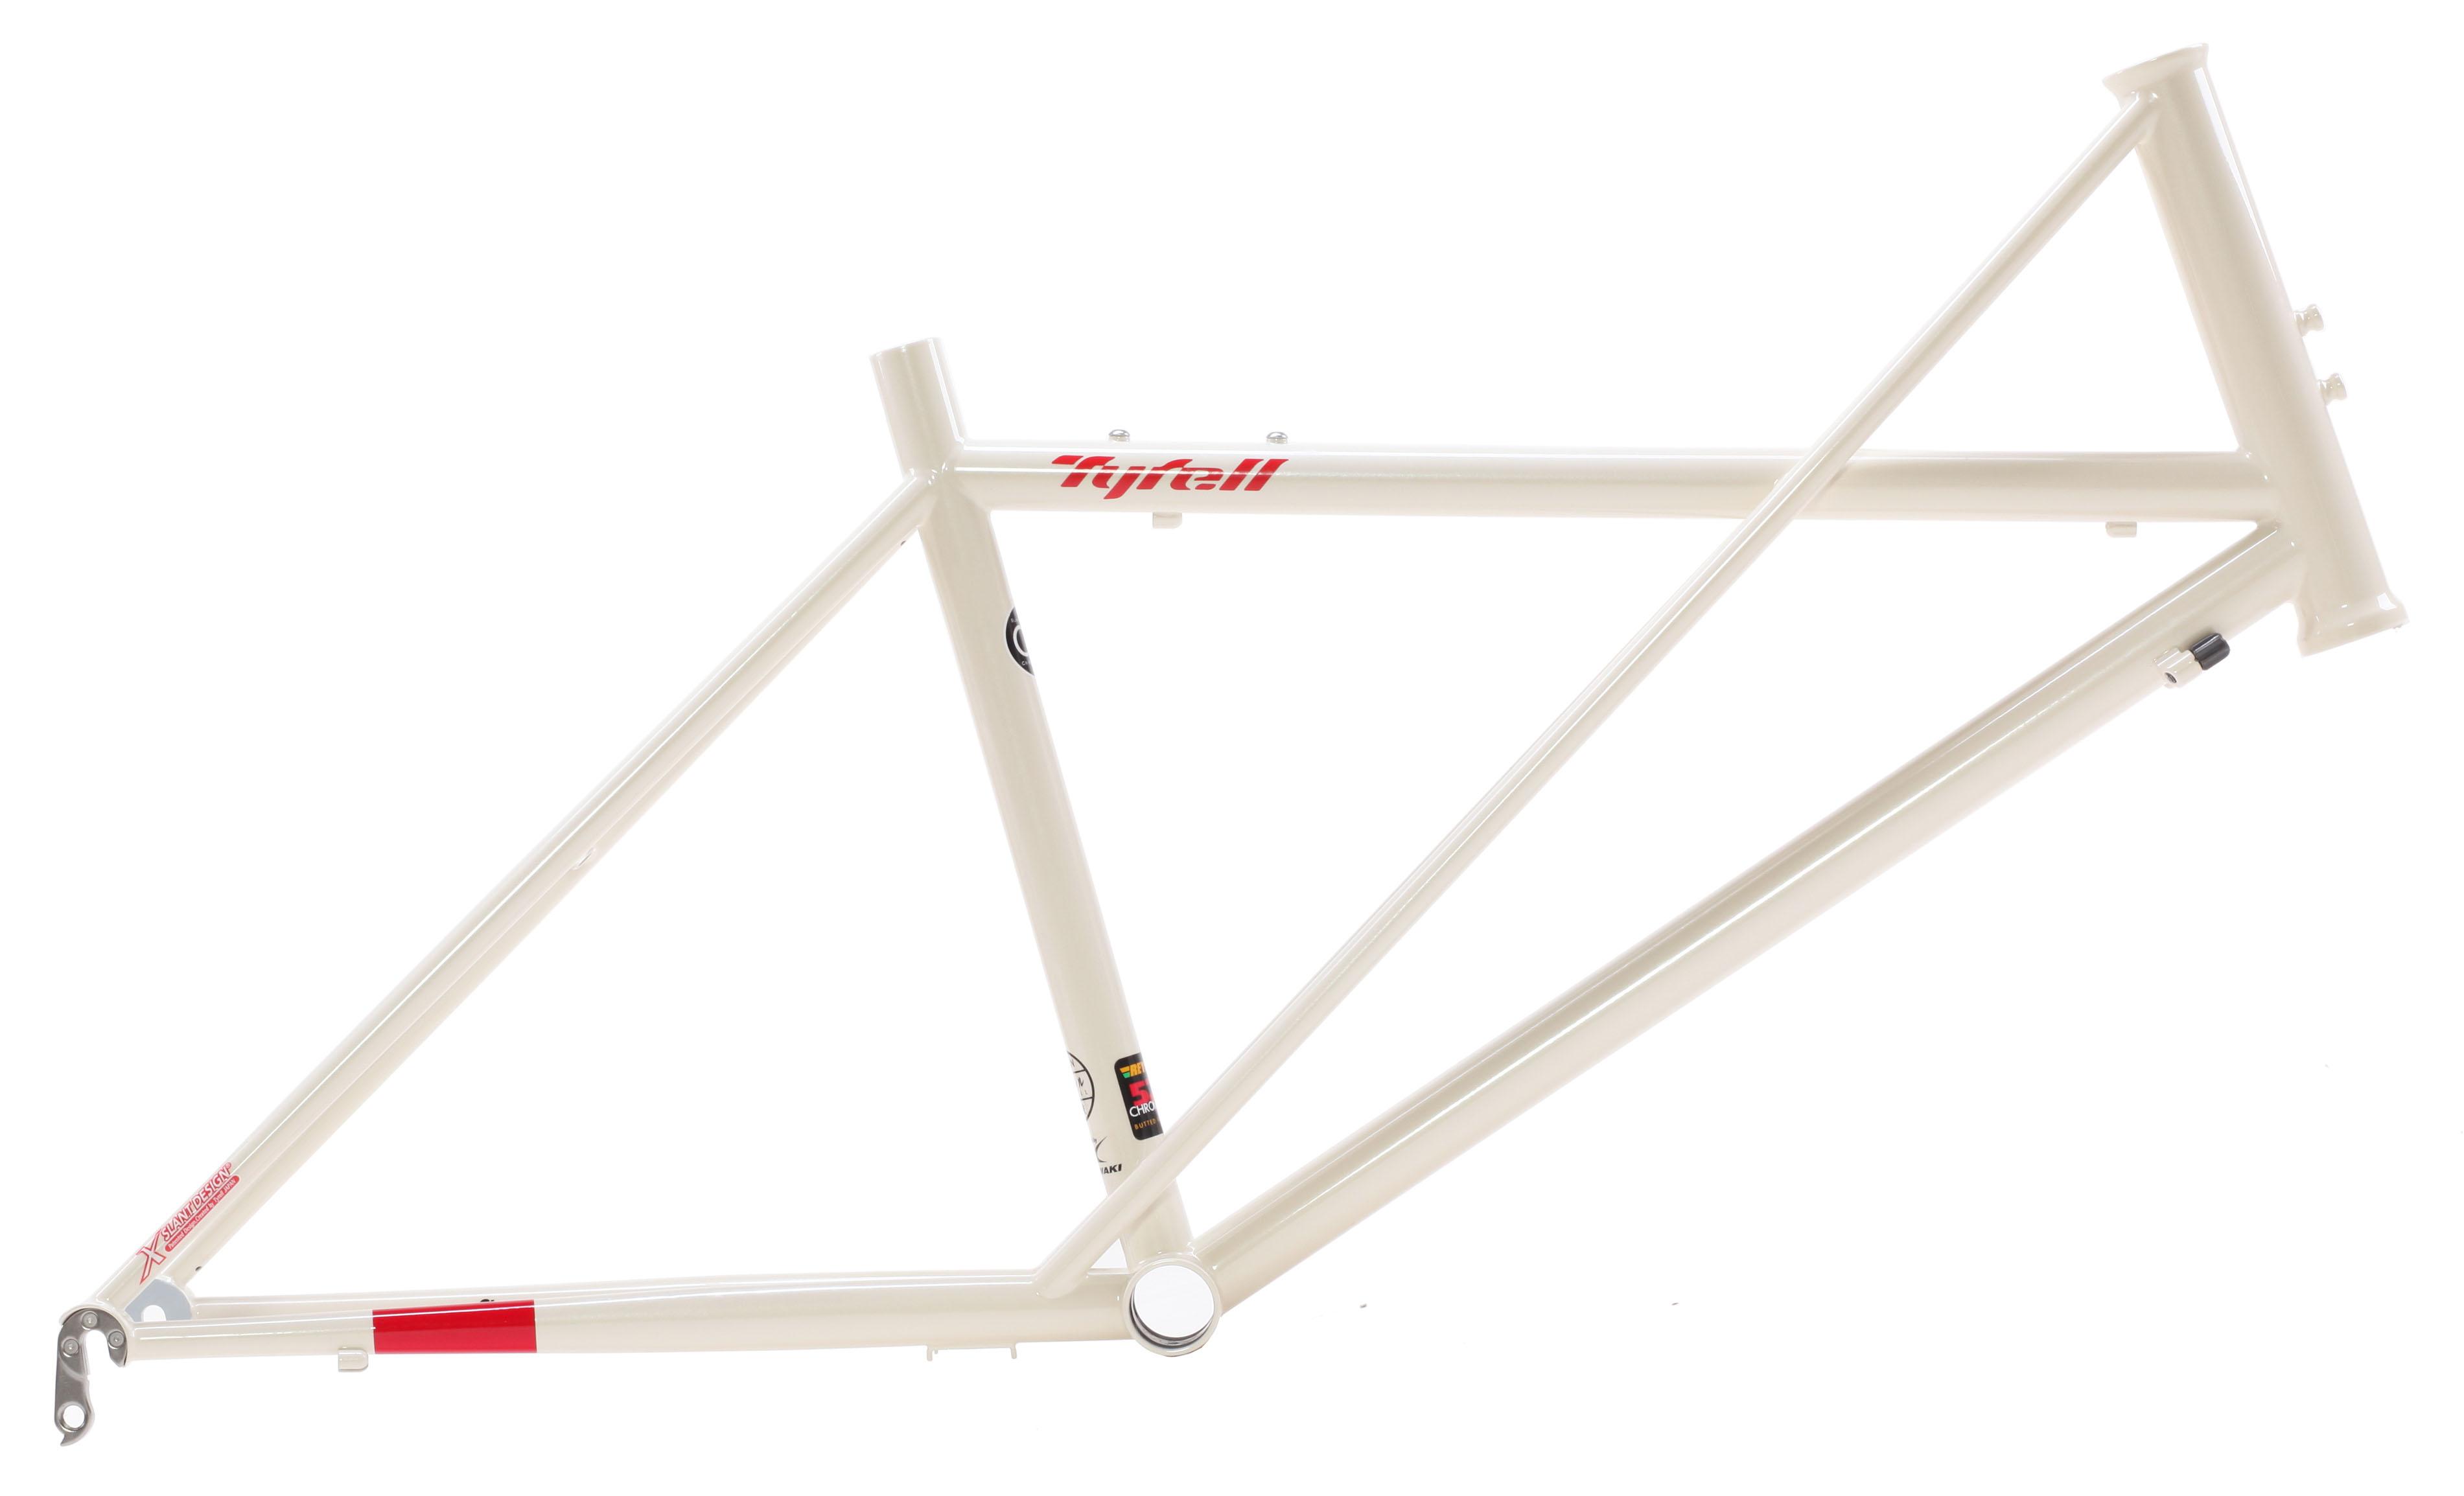 CX white F